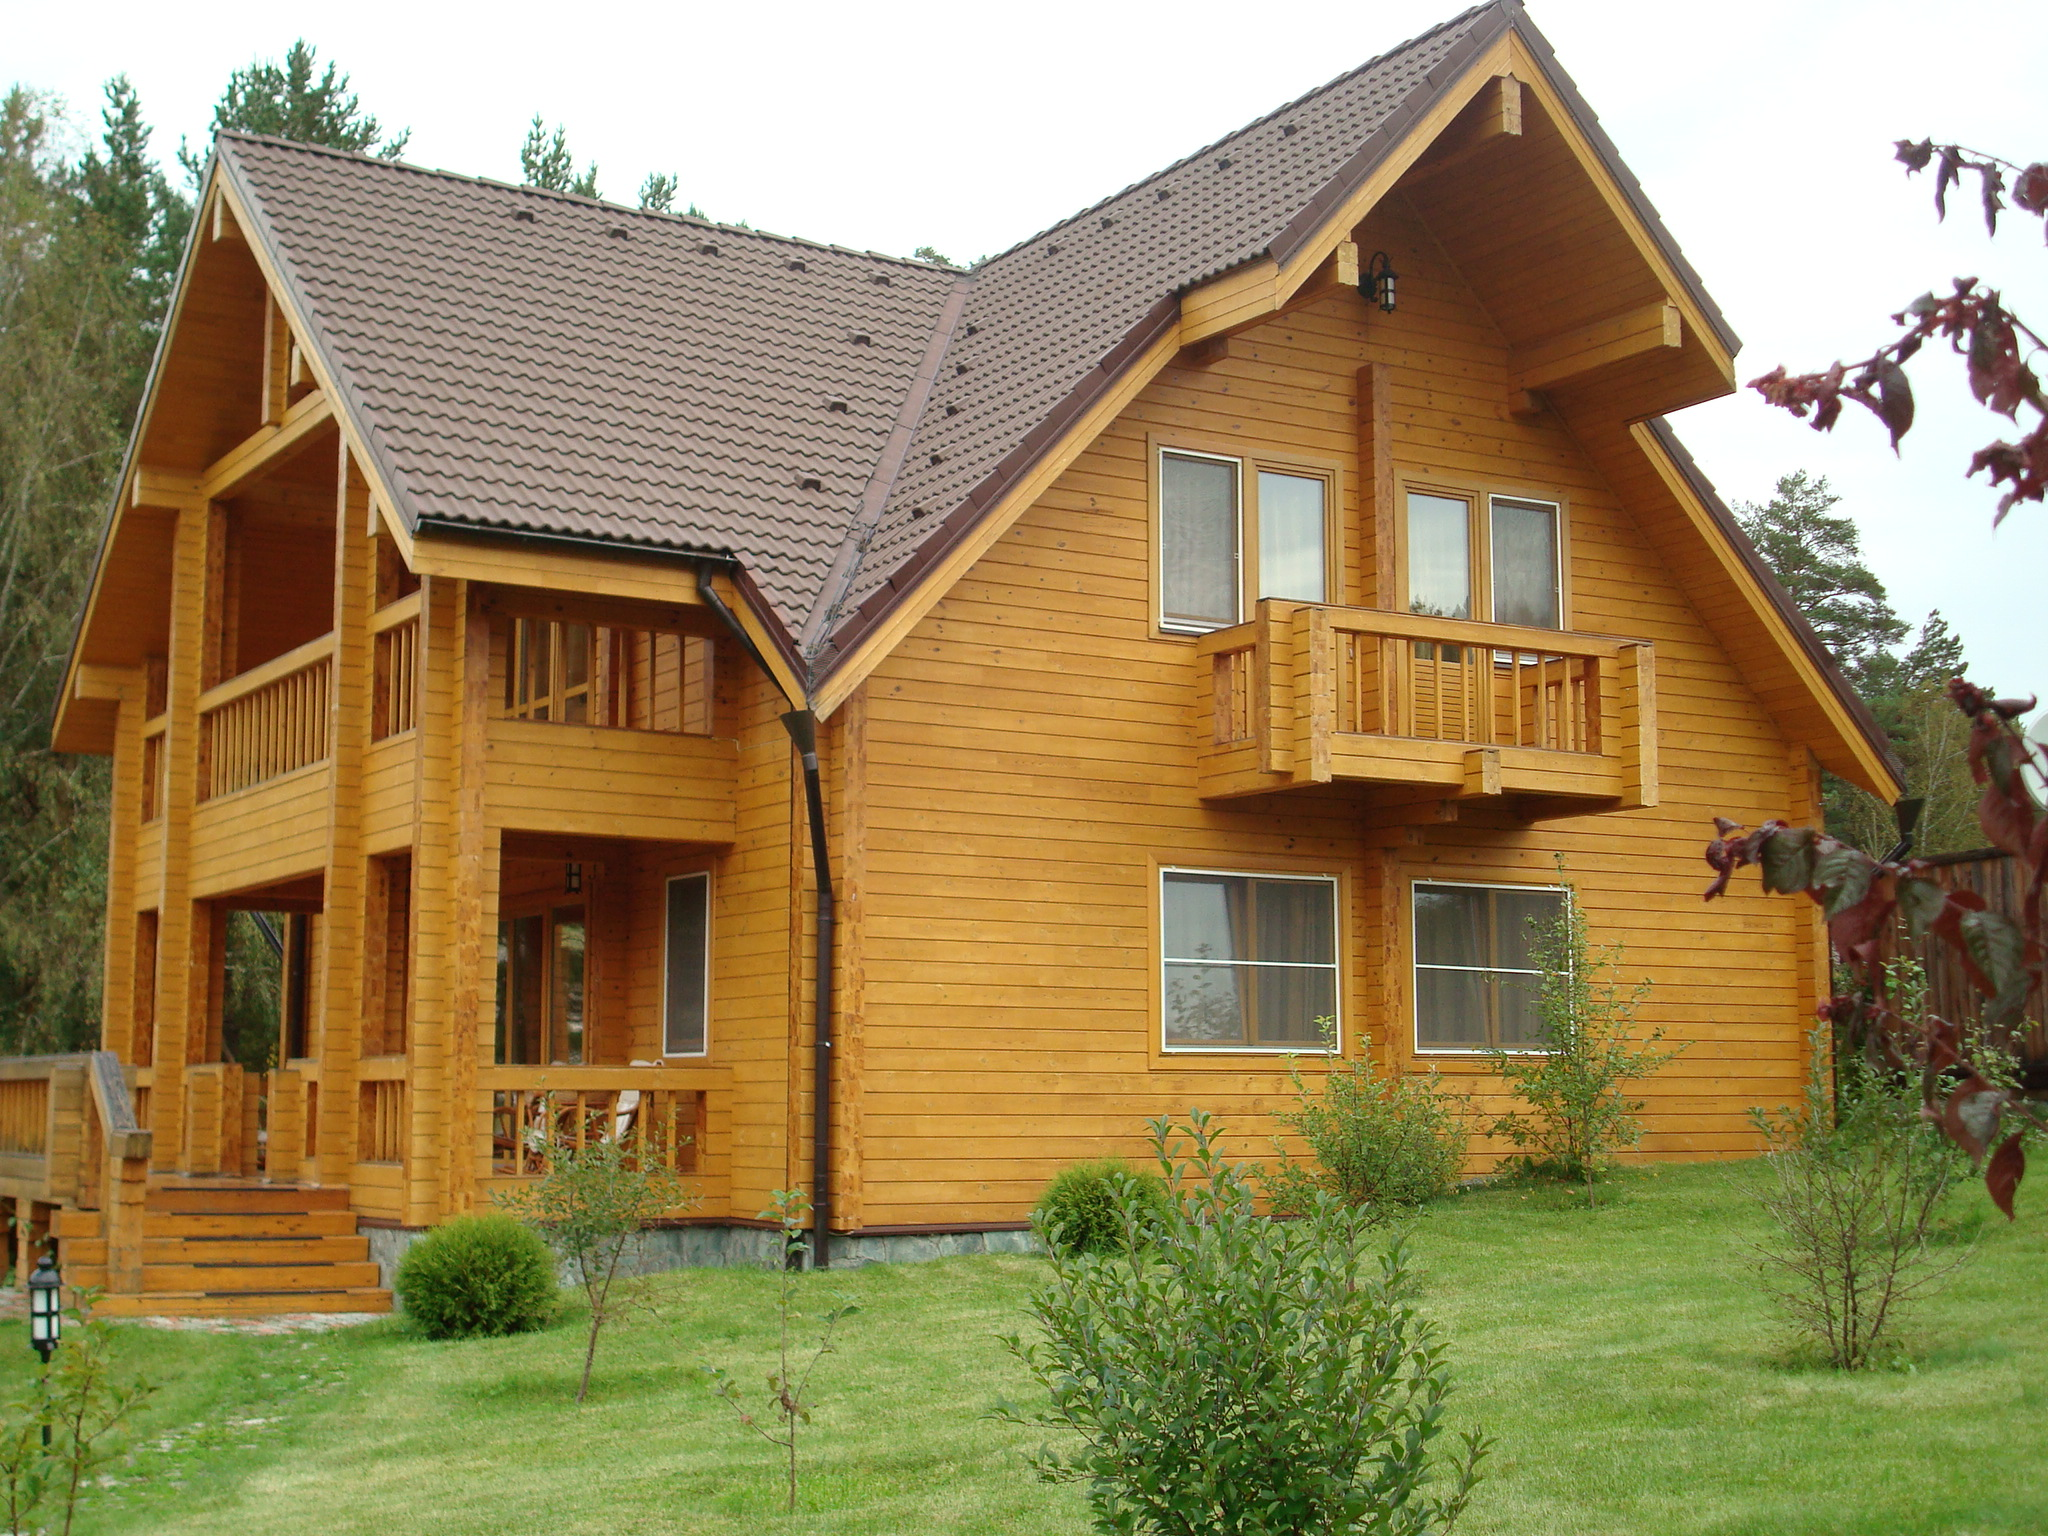 они есть спб деревянный дом недорого ближе городу фото решили